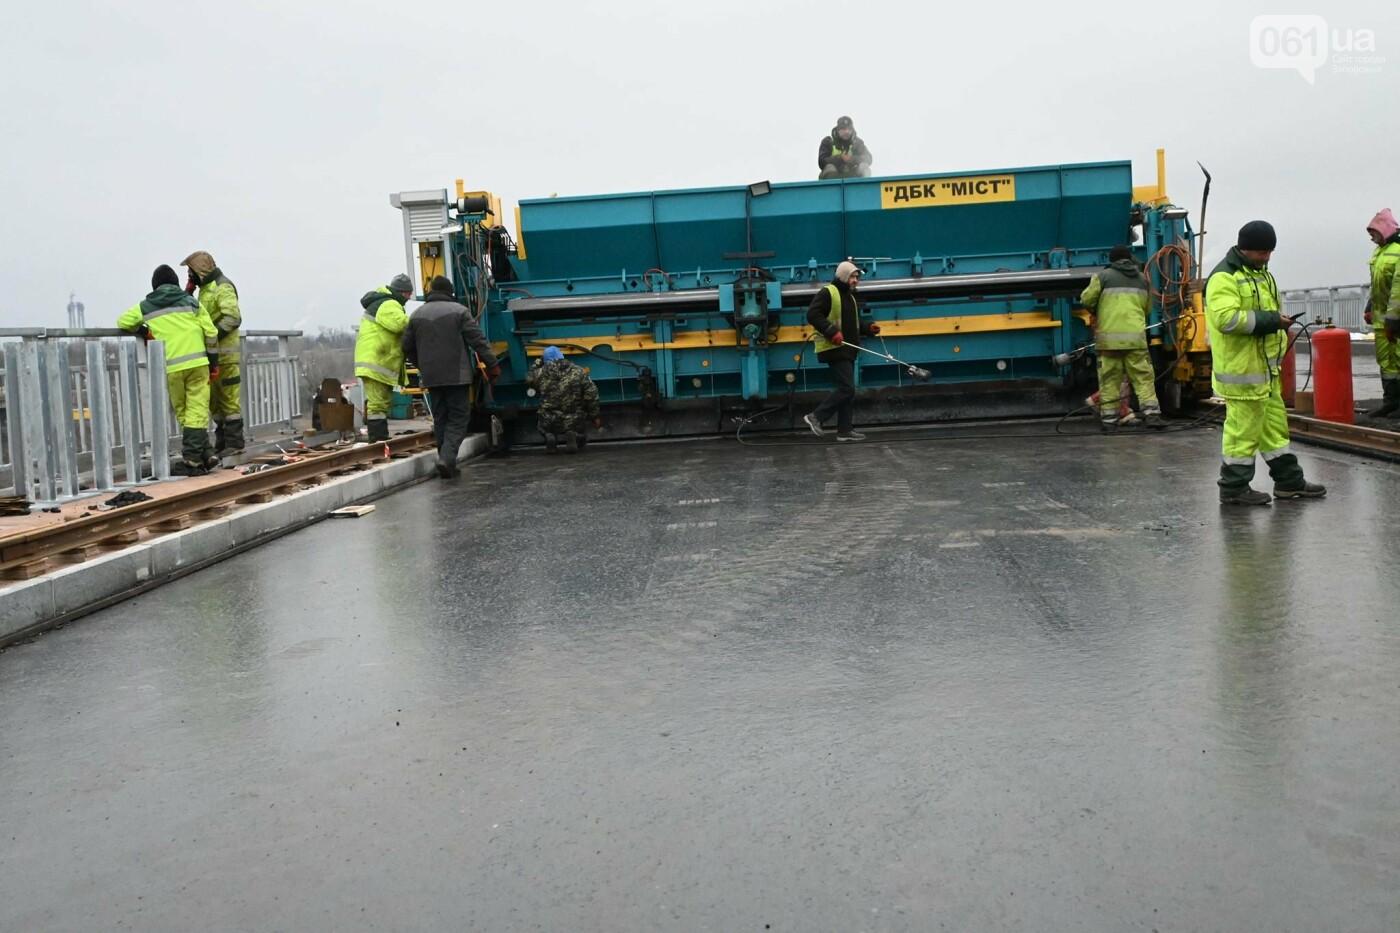 В Службе автодорог показали технологию укладки гусасфальта на строительстве мостов, - ФОТО, ВИДЕО, фото-11